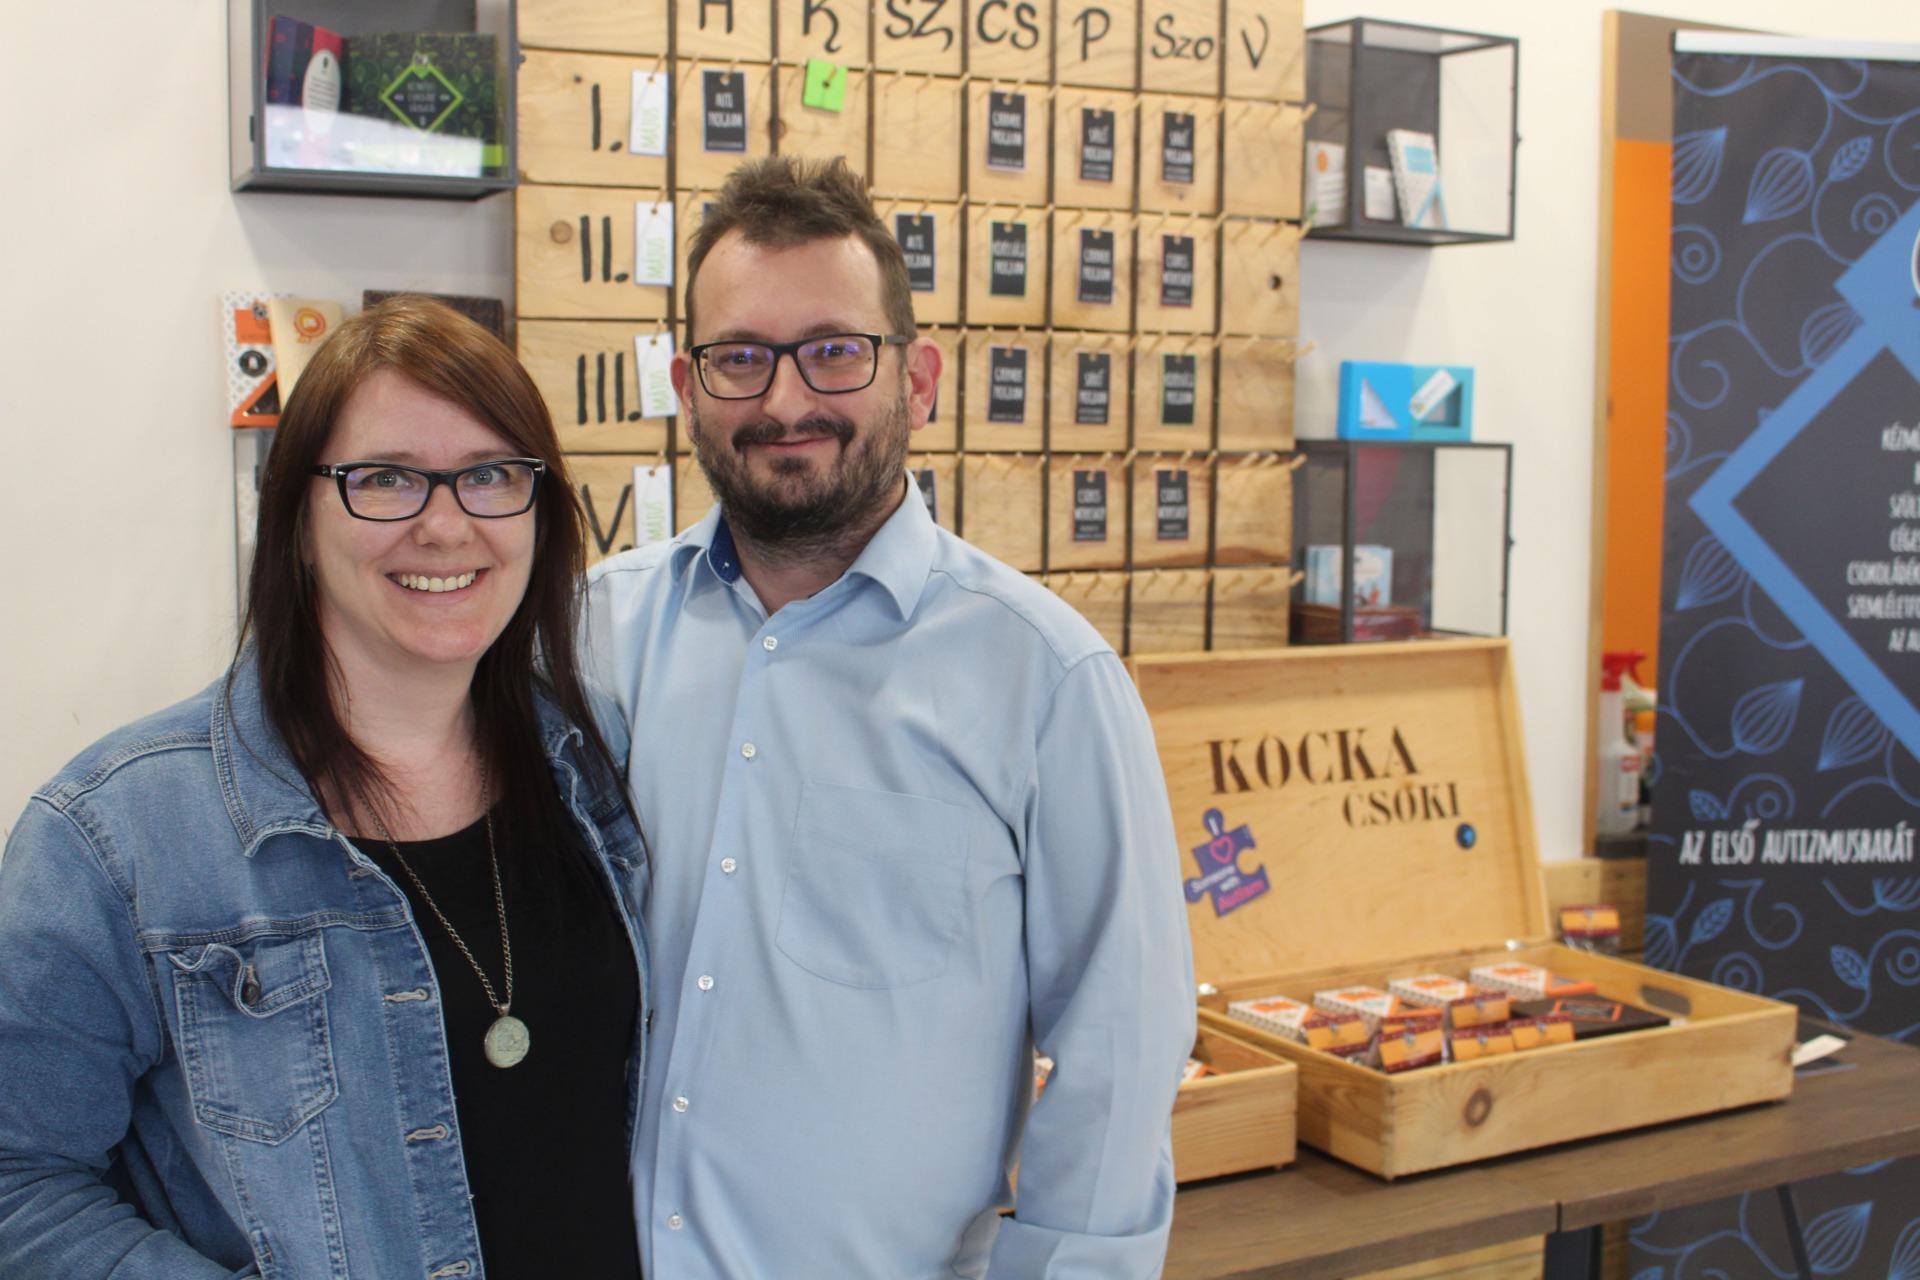 KockaCsoki: egy manufaktúra, ahol autisták készítik a mennyei finomságokat